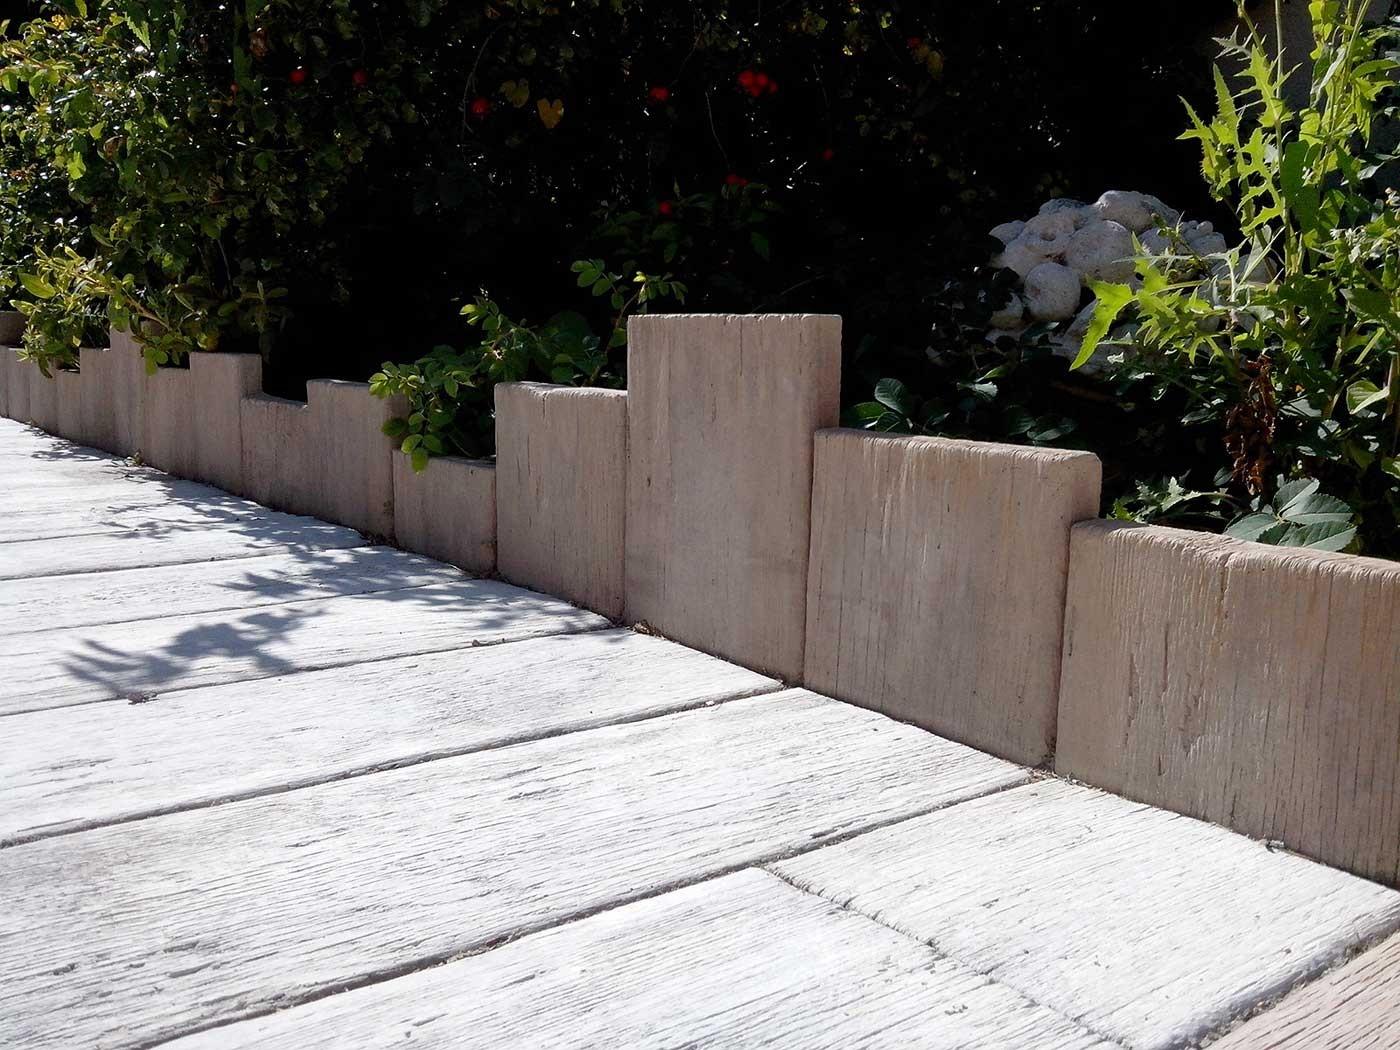 Les Bordures De Jardin Bordure De Jardin En Acier Fer Vieilli  # Bordure De Jardin En Acier Fer Vieilli